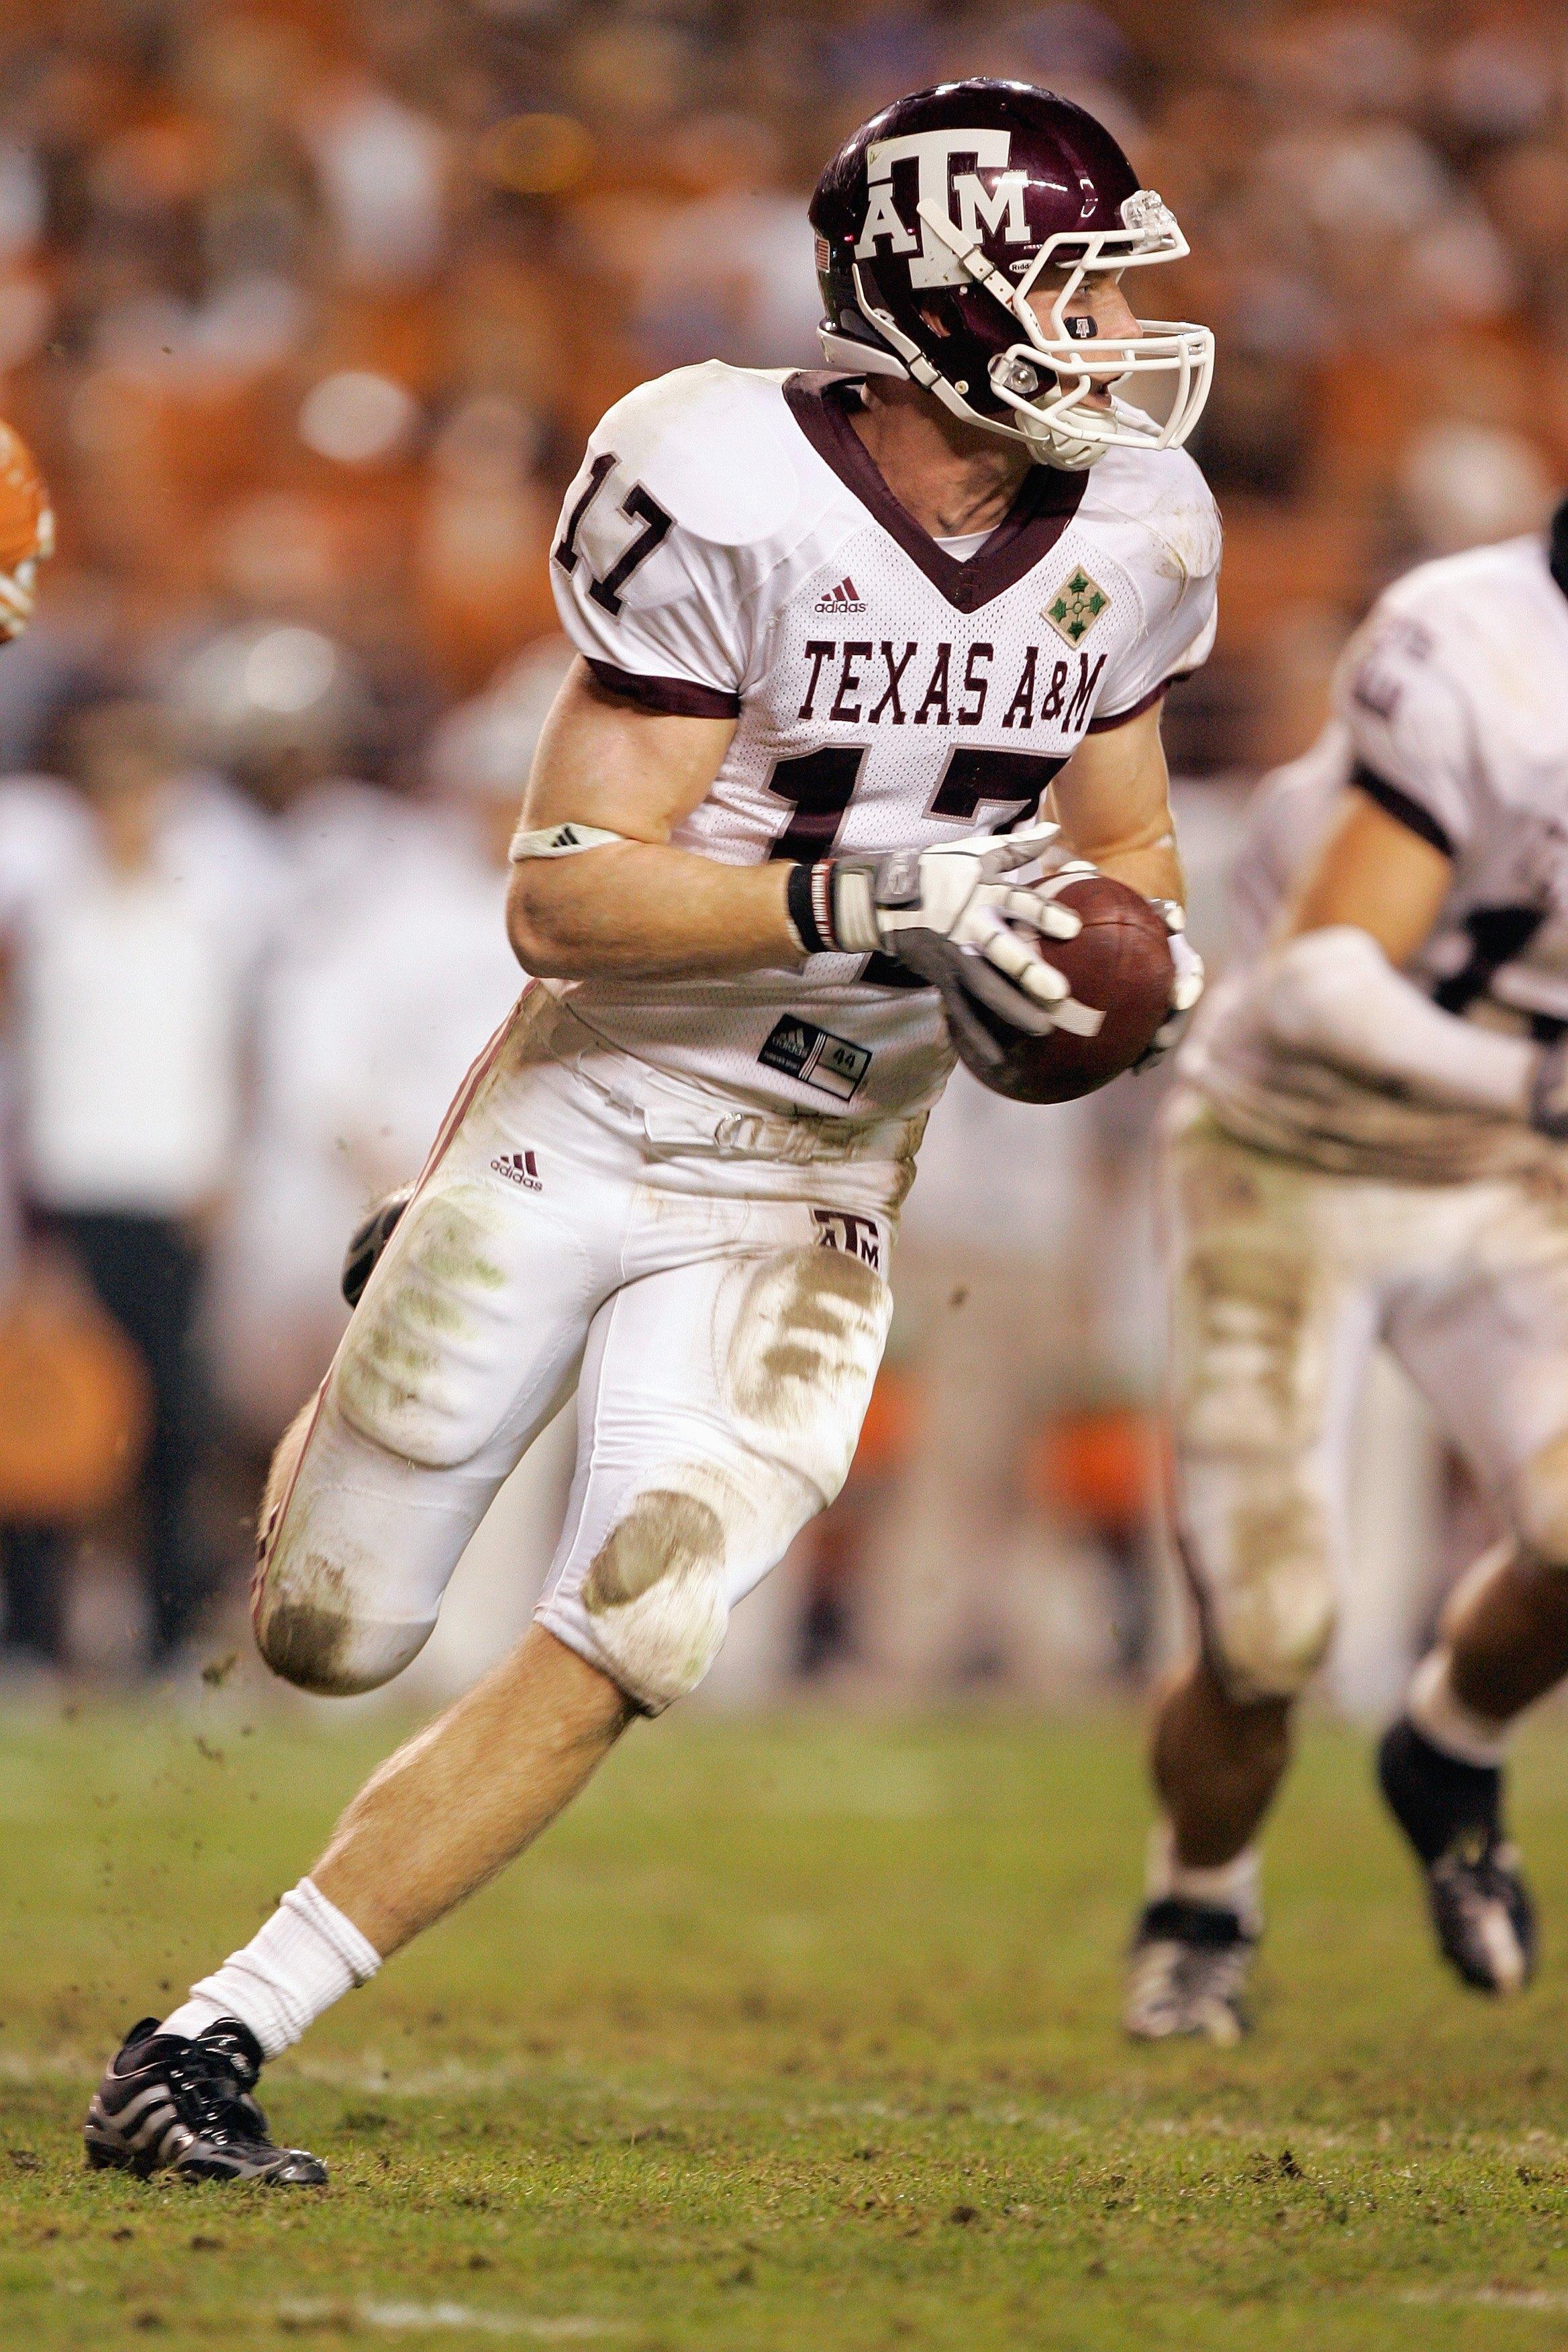 AUSTIN, TX - NOVEMBER 27: Quarterback  Ryan Tannehill #17 of the Texas A&M Aggies runs the ball against the Texas Longhorns on November 27, 2008 at Darrell K Royal-Texas Memorial Stadium in Austin, Texas.  Texas won 49-9. (Photo by Brian Bahr/Getty Images